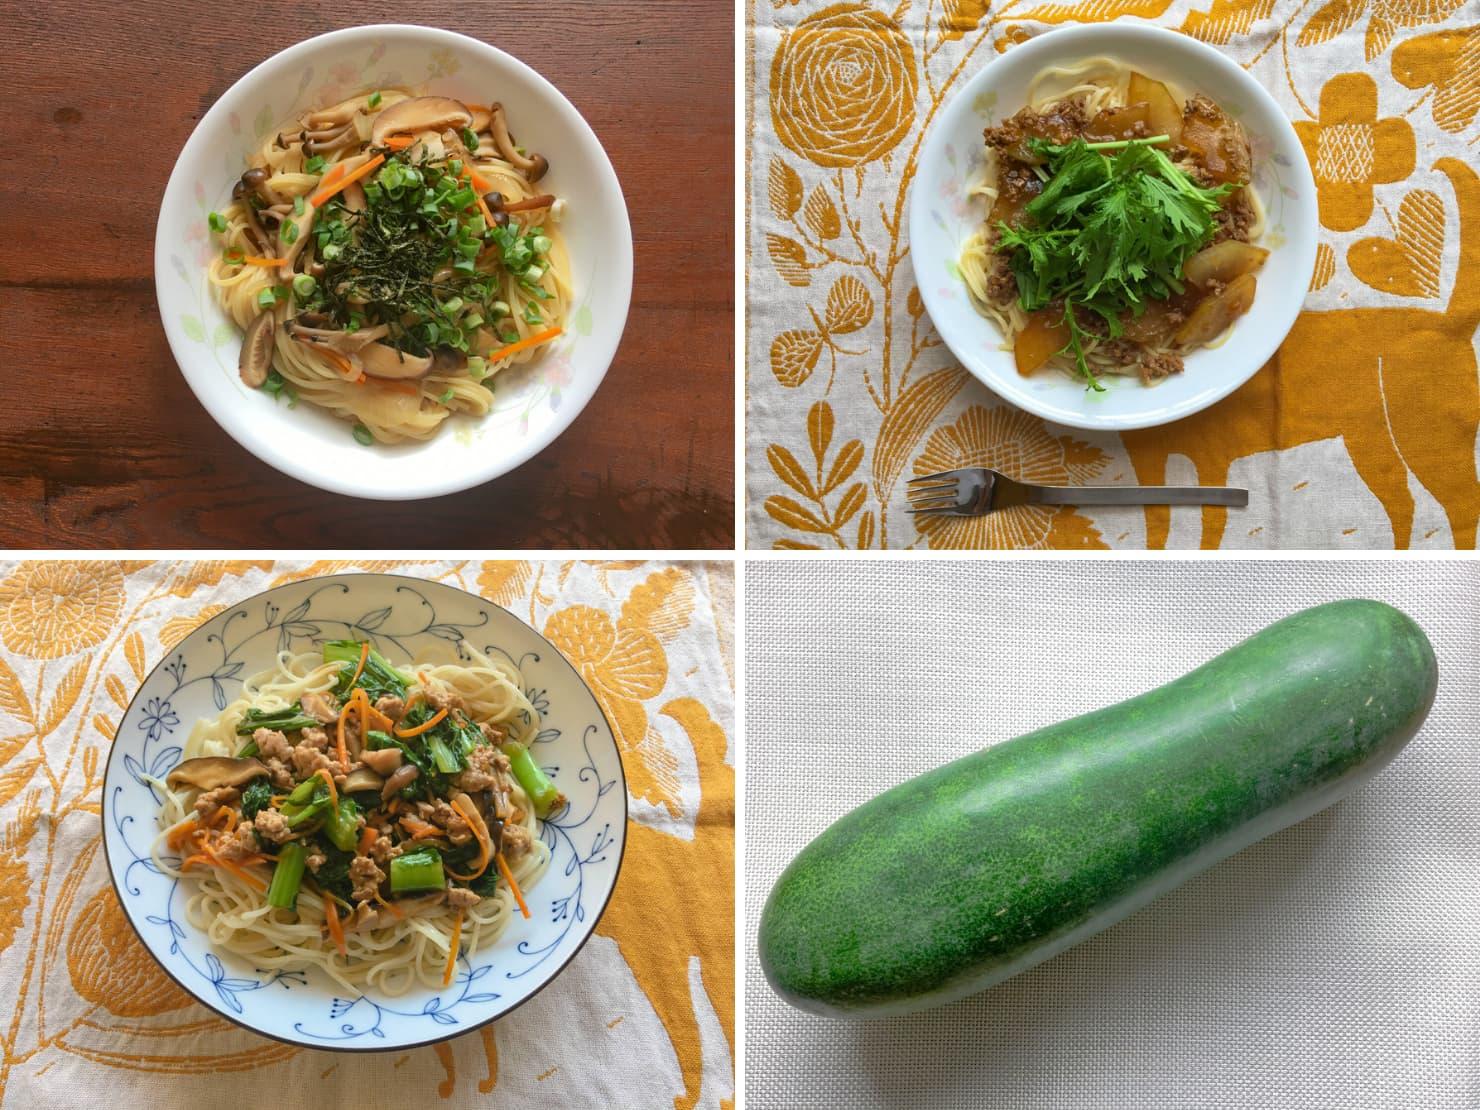 いろいろな野菜のあんかけパスタの写真